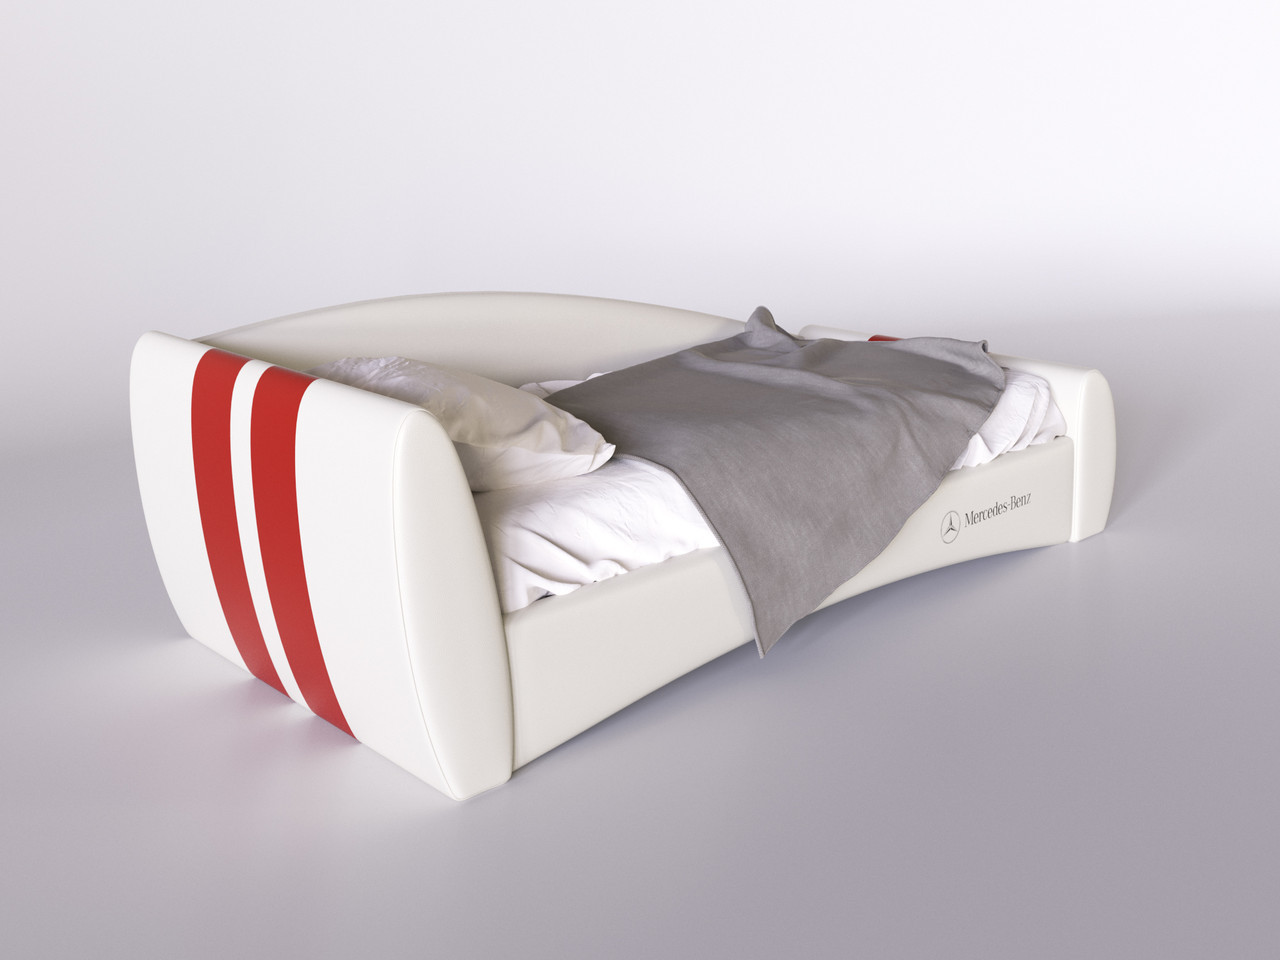 Детская кровать Формула Mercedes - Benz 120*200 с подъемным механизмом